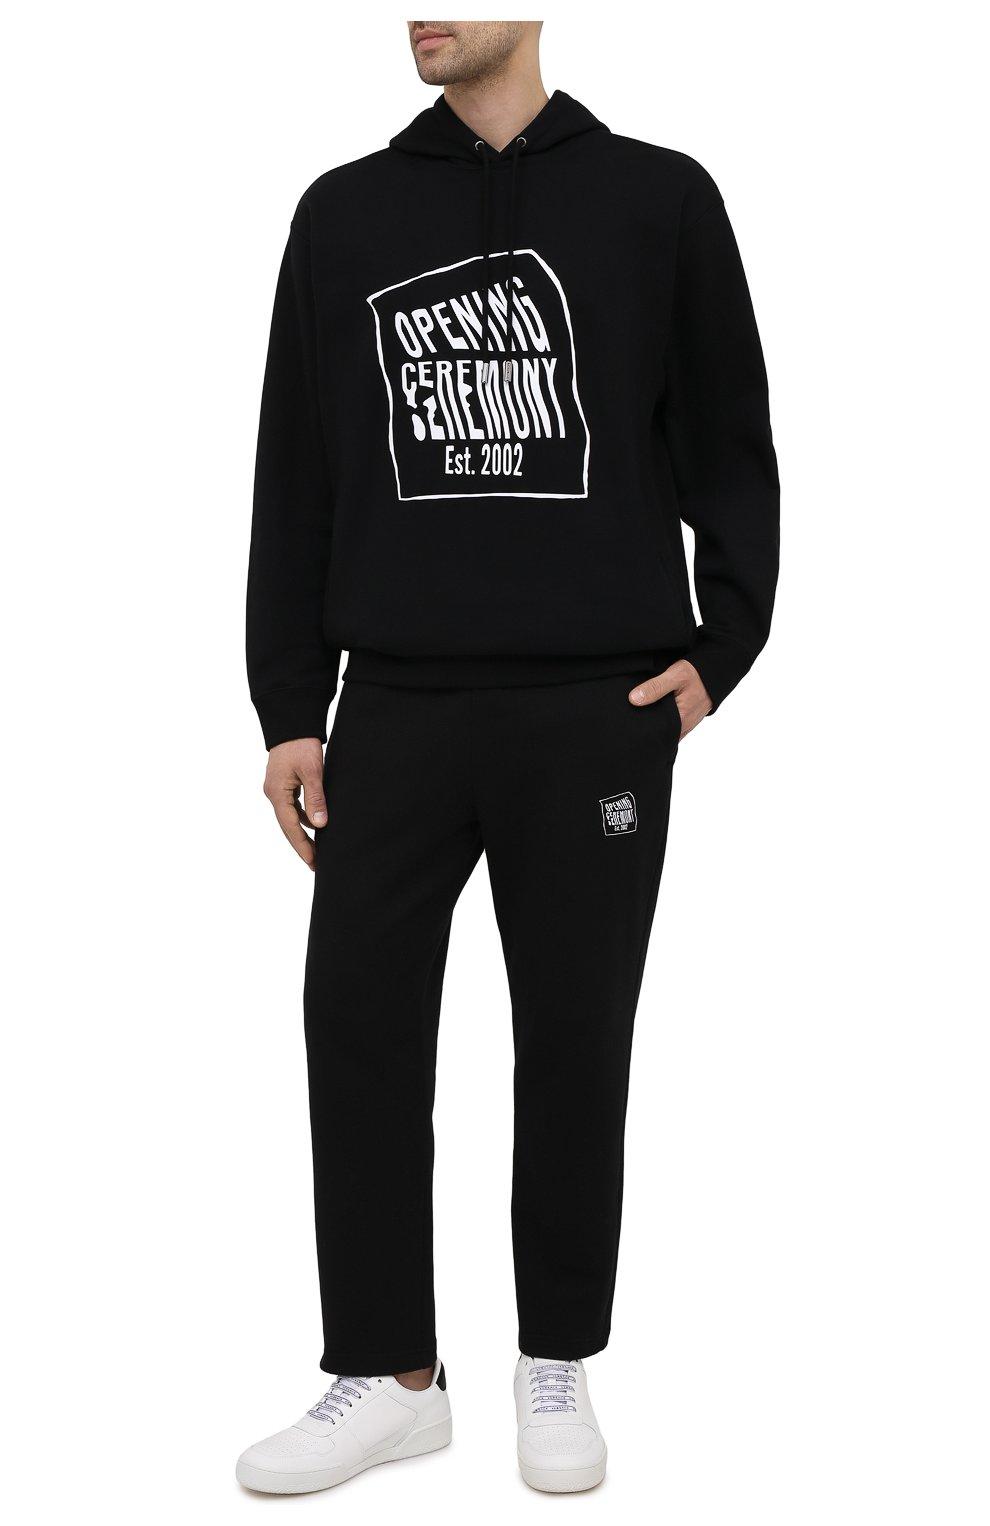 Мужские хлопковые брюки OPENING CEREMONY черного цвета, арт. YMCH003S21FLE002   Фото 2 (Мужское Кросс-КТ: Брюки-трикотаж; Кросс-КТ: Спорт; Материал внешний: Хлопок; Стили: Спорт-шик; Длина (брюки, джинсы): Укороченные)